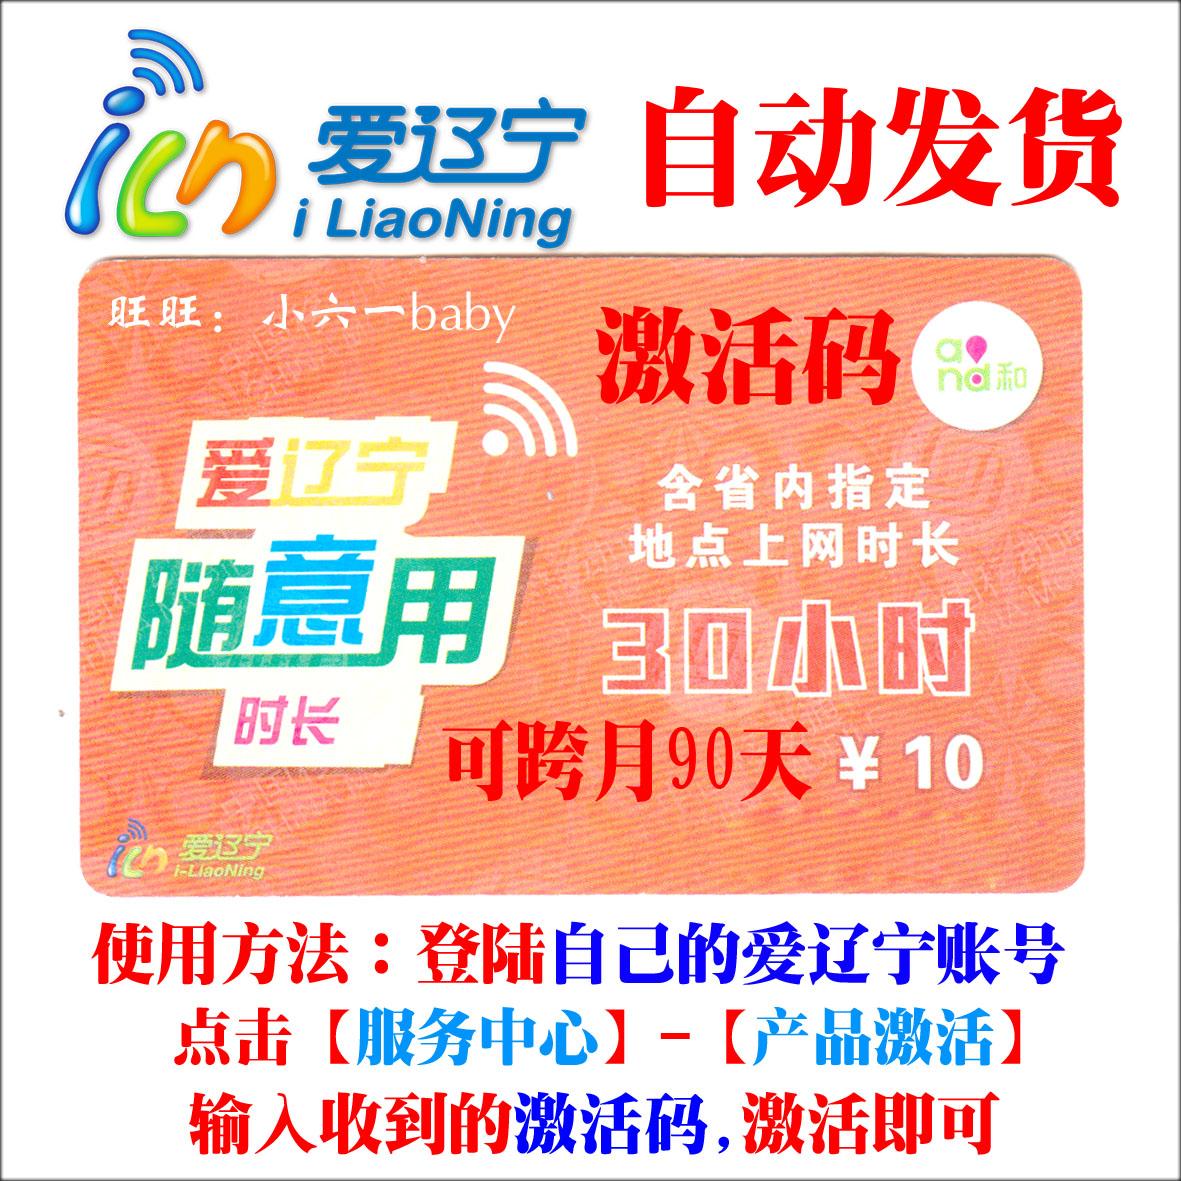 Любовь провинция ляонин iLiaoNing 30 час 90 день случайный использование может крест месяц общий итог использование